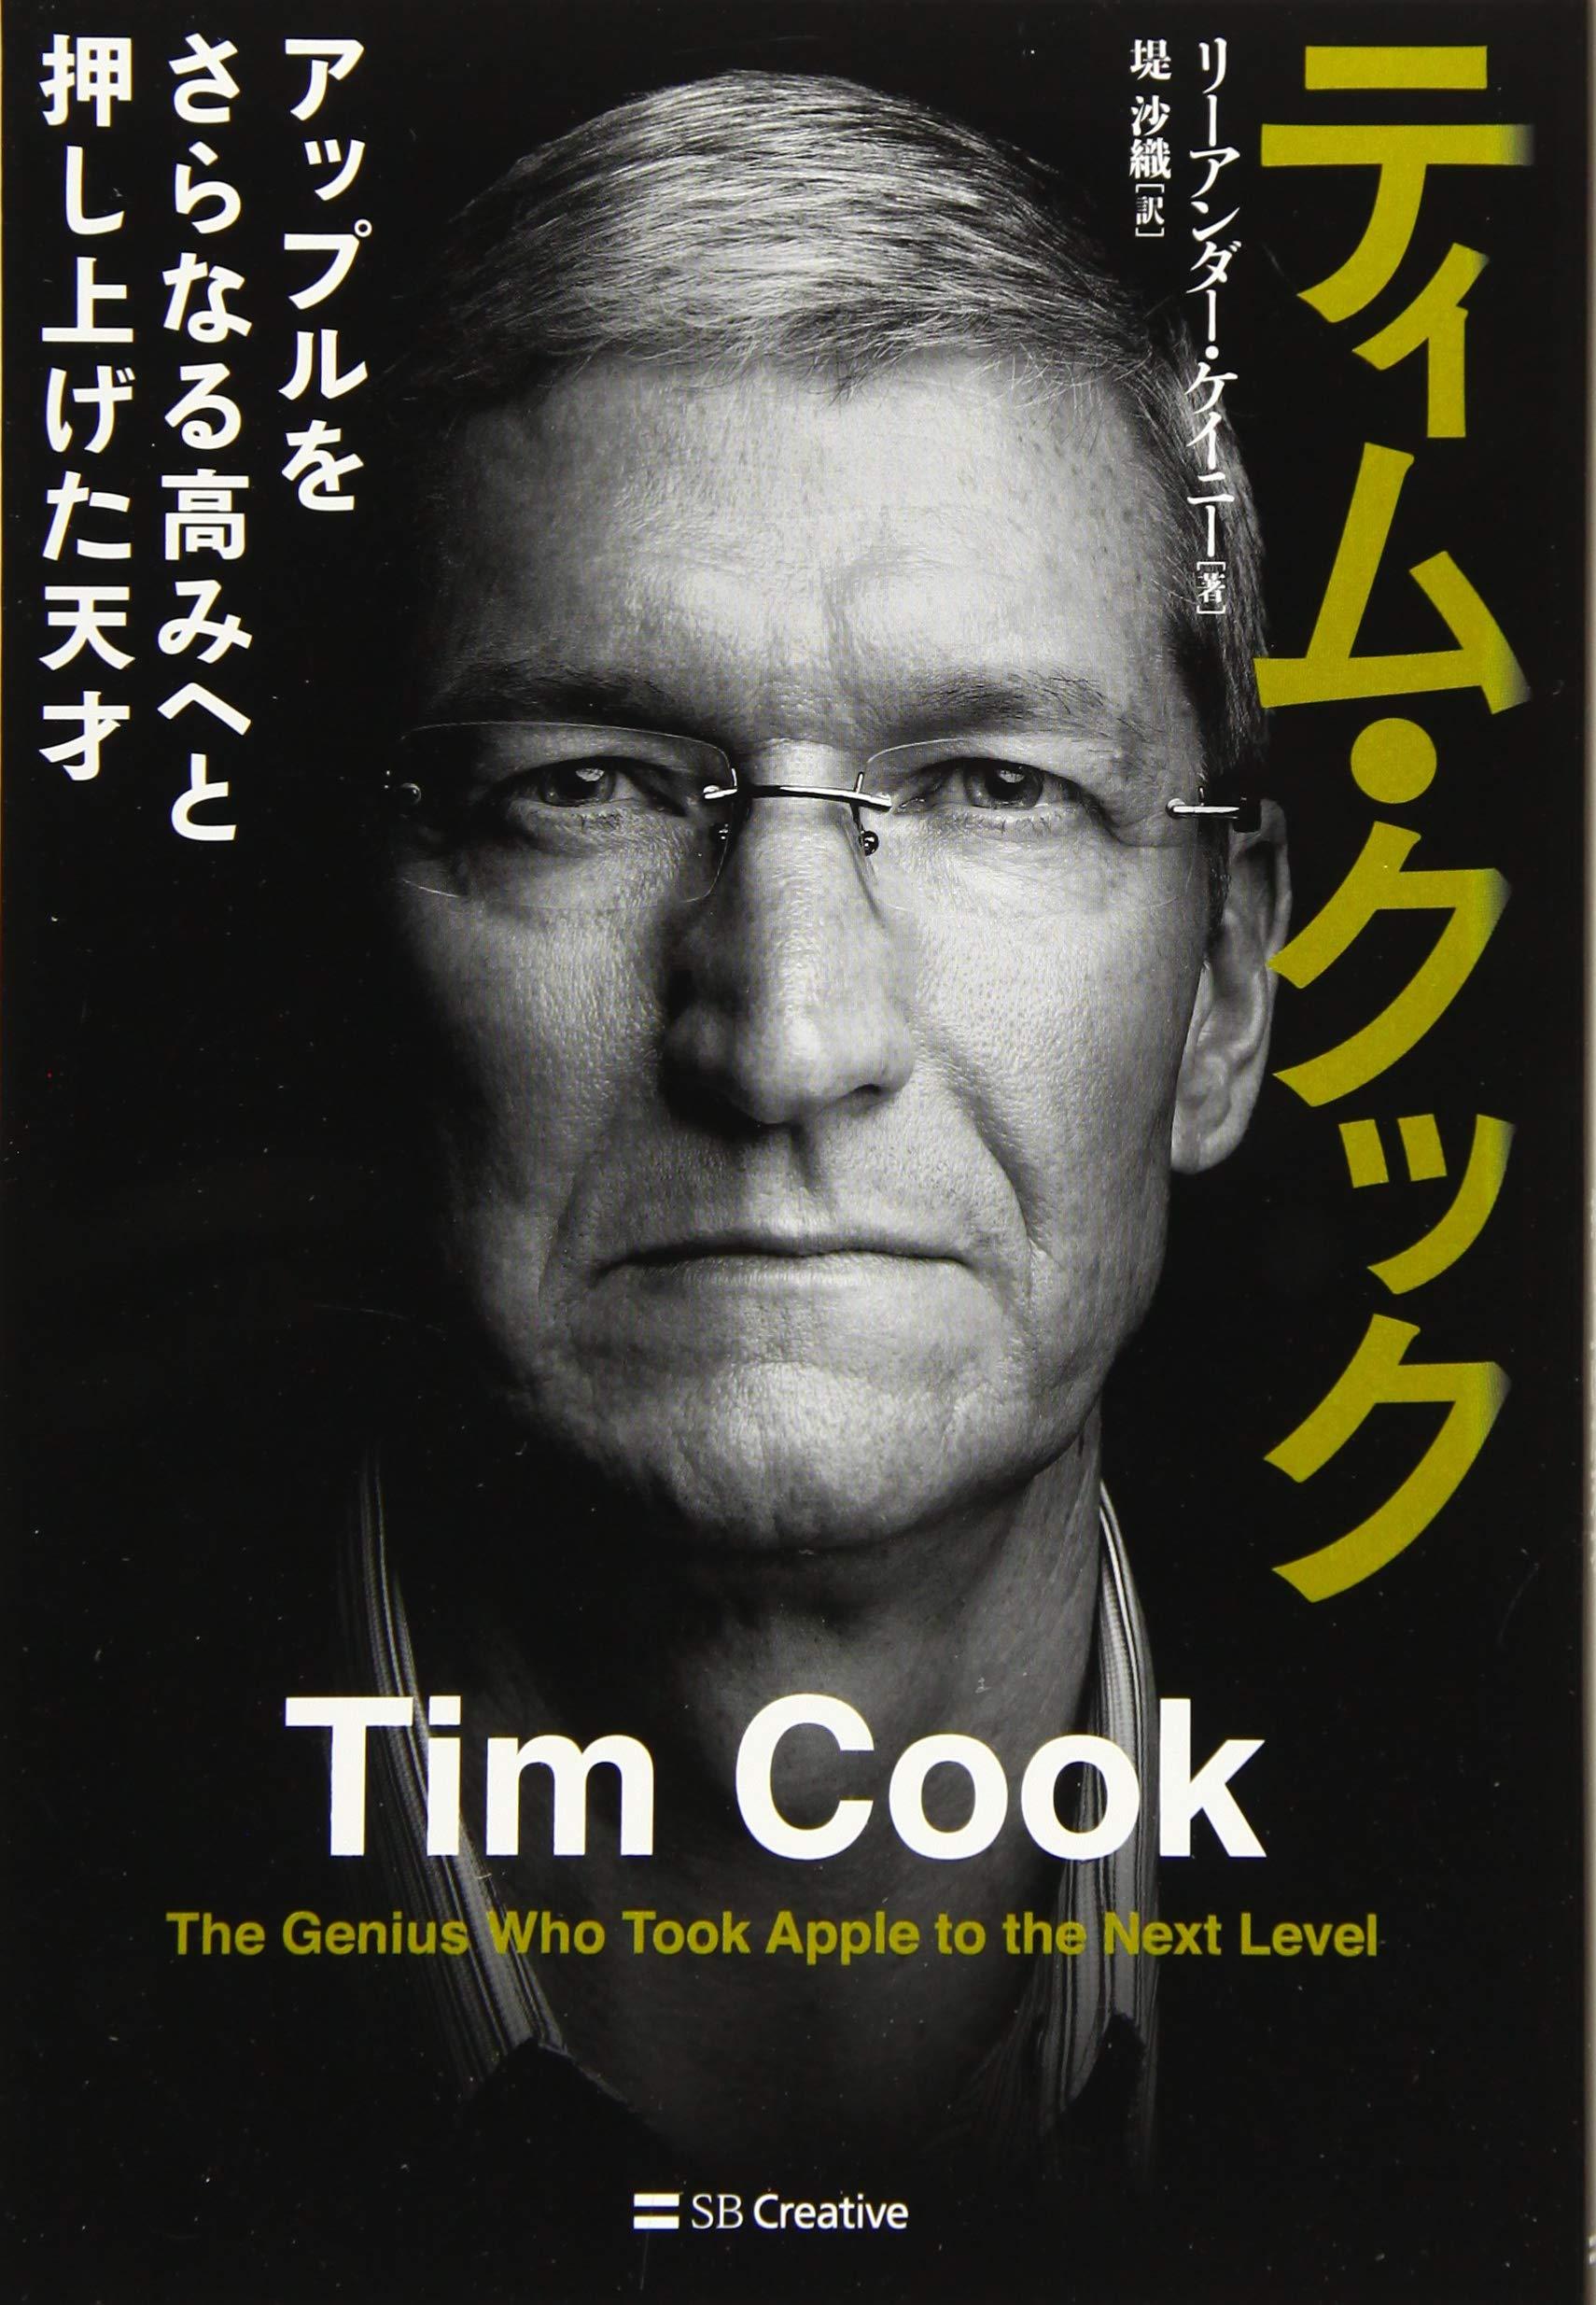 ティム・クック~アップルをさらなる高みへと押し上げた天才